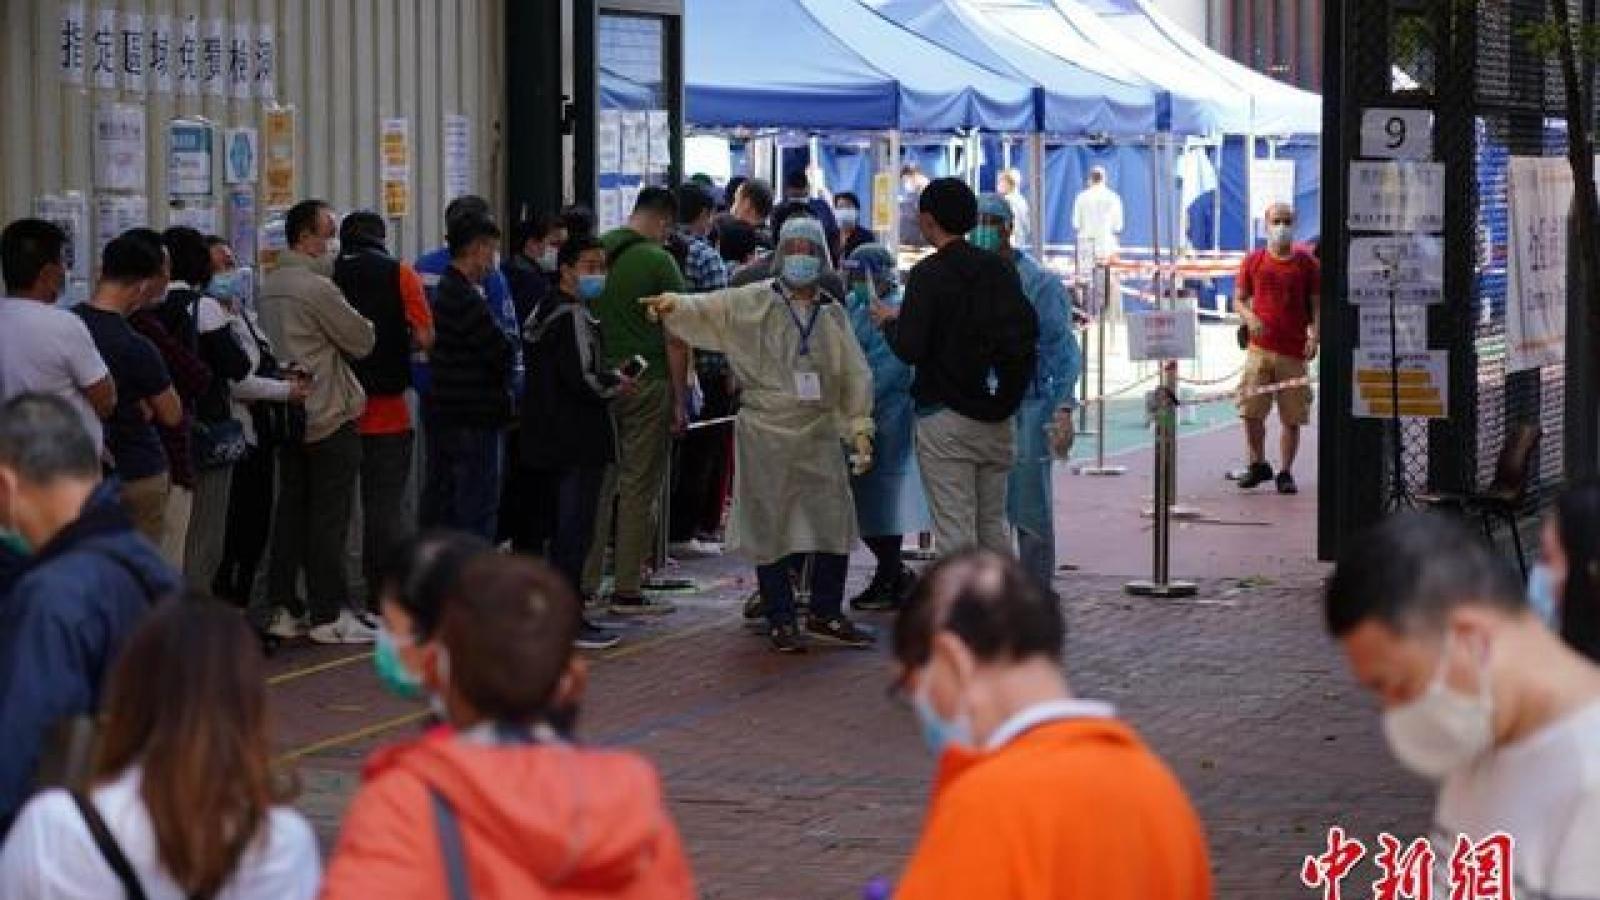 Hong Kong (Trung Quốc) bắt đầu tiêm vaccine ngừa Covid-19 từ 26/2